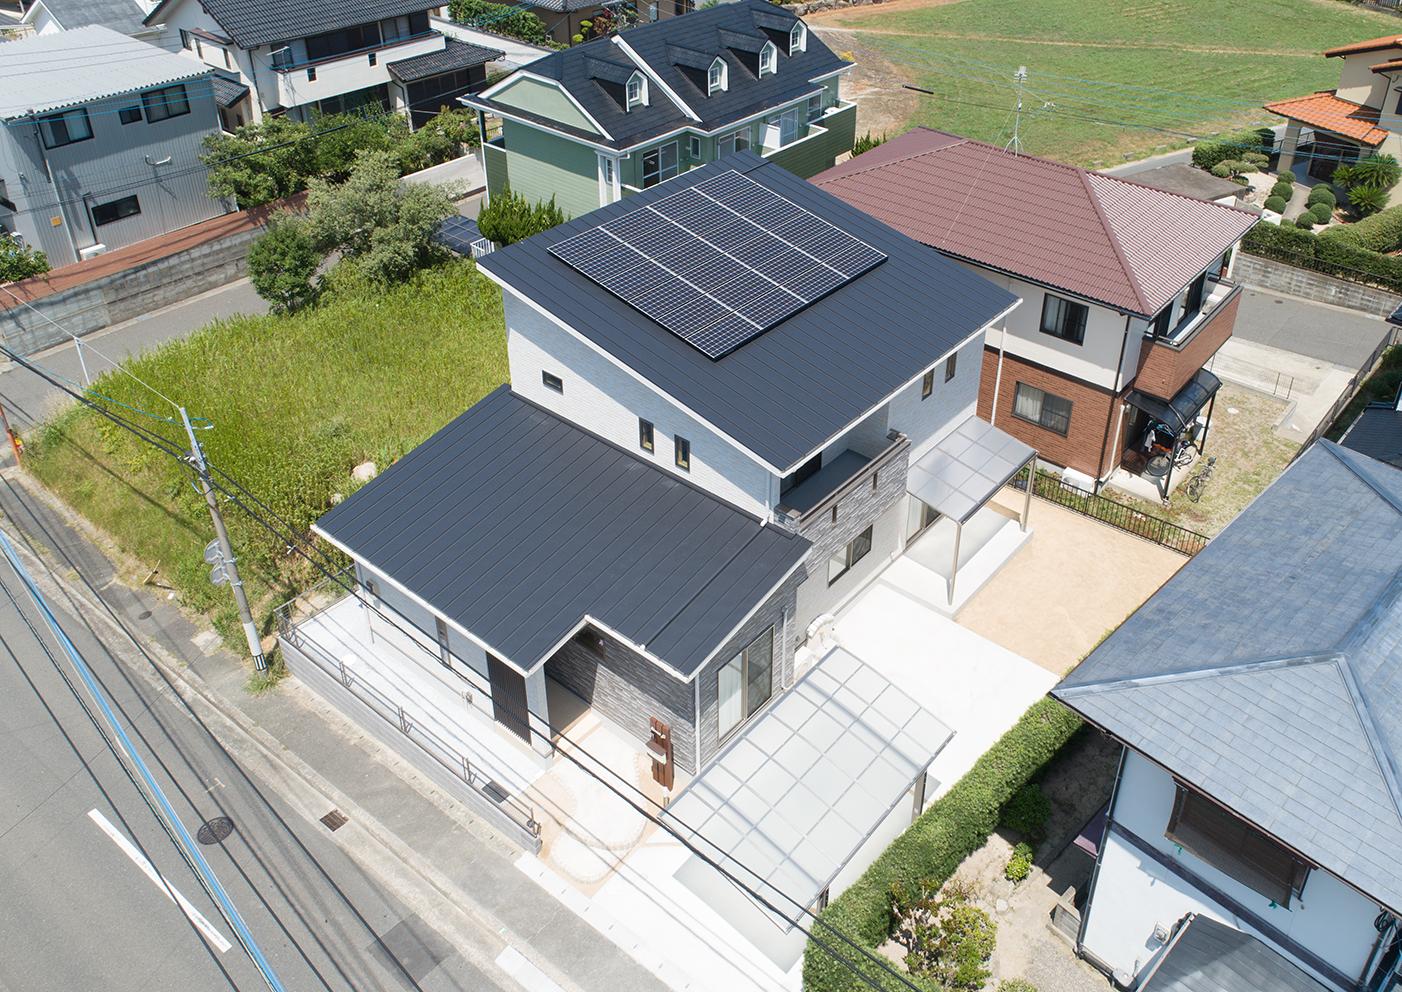 外観 2階の屋根は片屋根にして南側に傾斜をつけ太陽光発電の効率が良い屋根です。